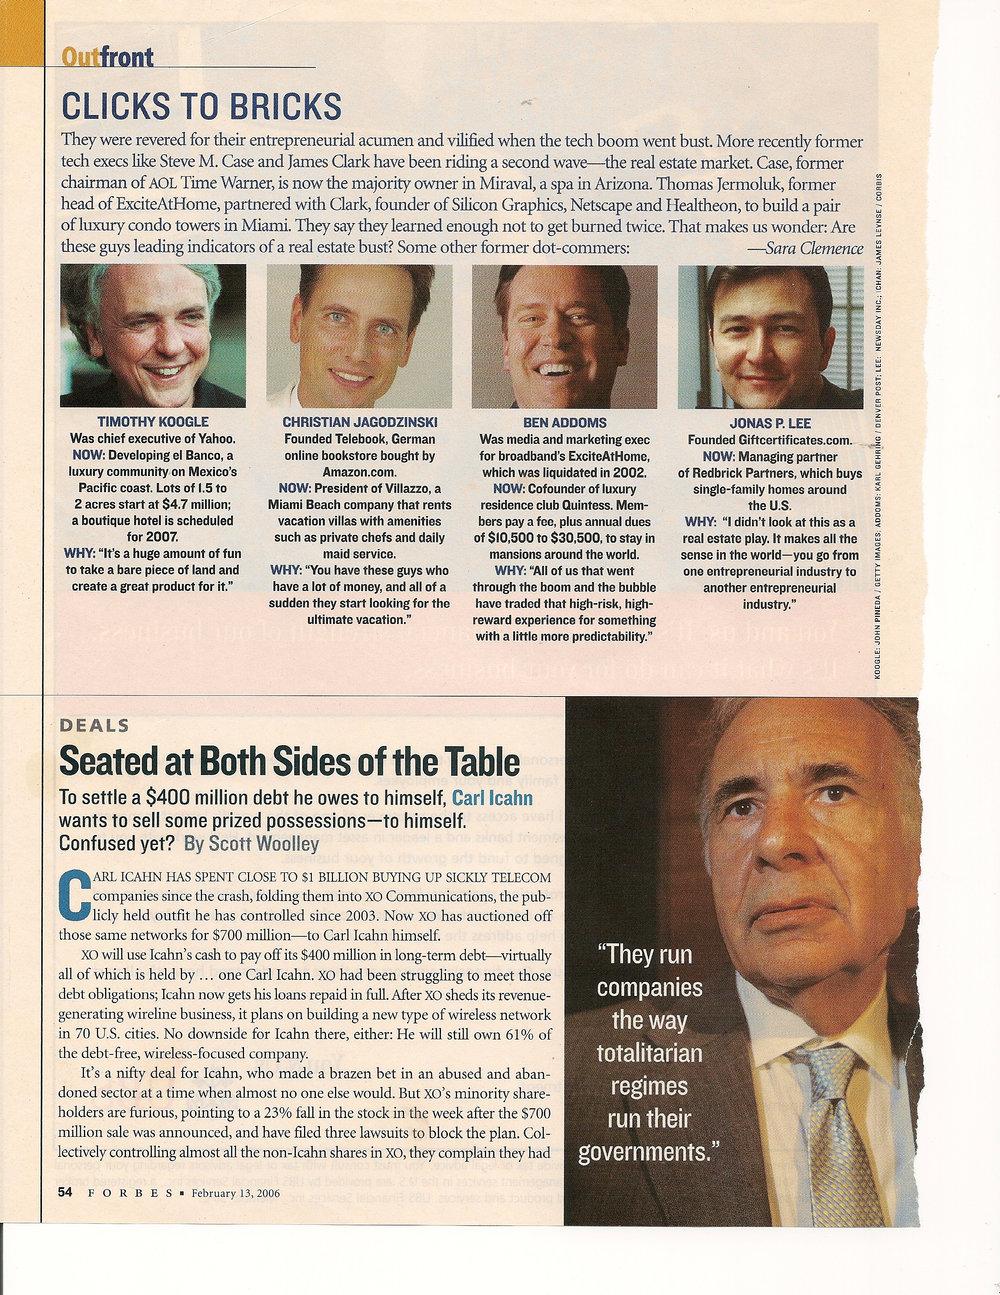 Forbes-clickstobricks.jpg